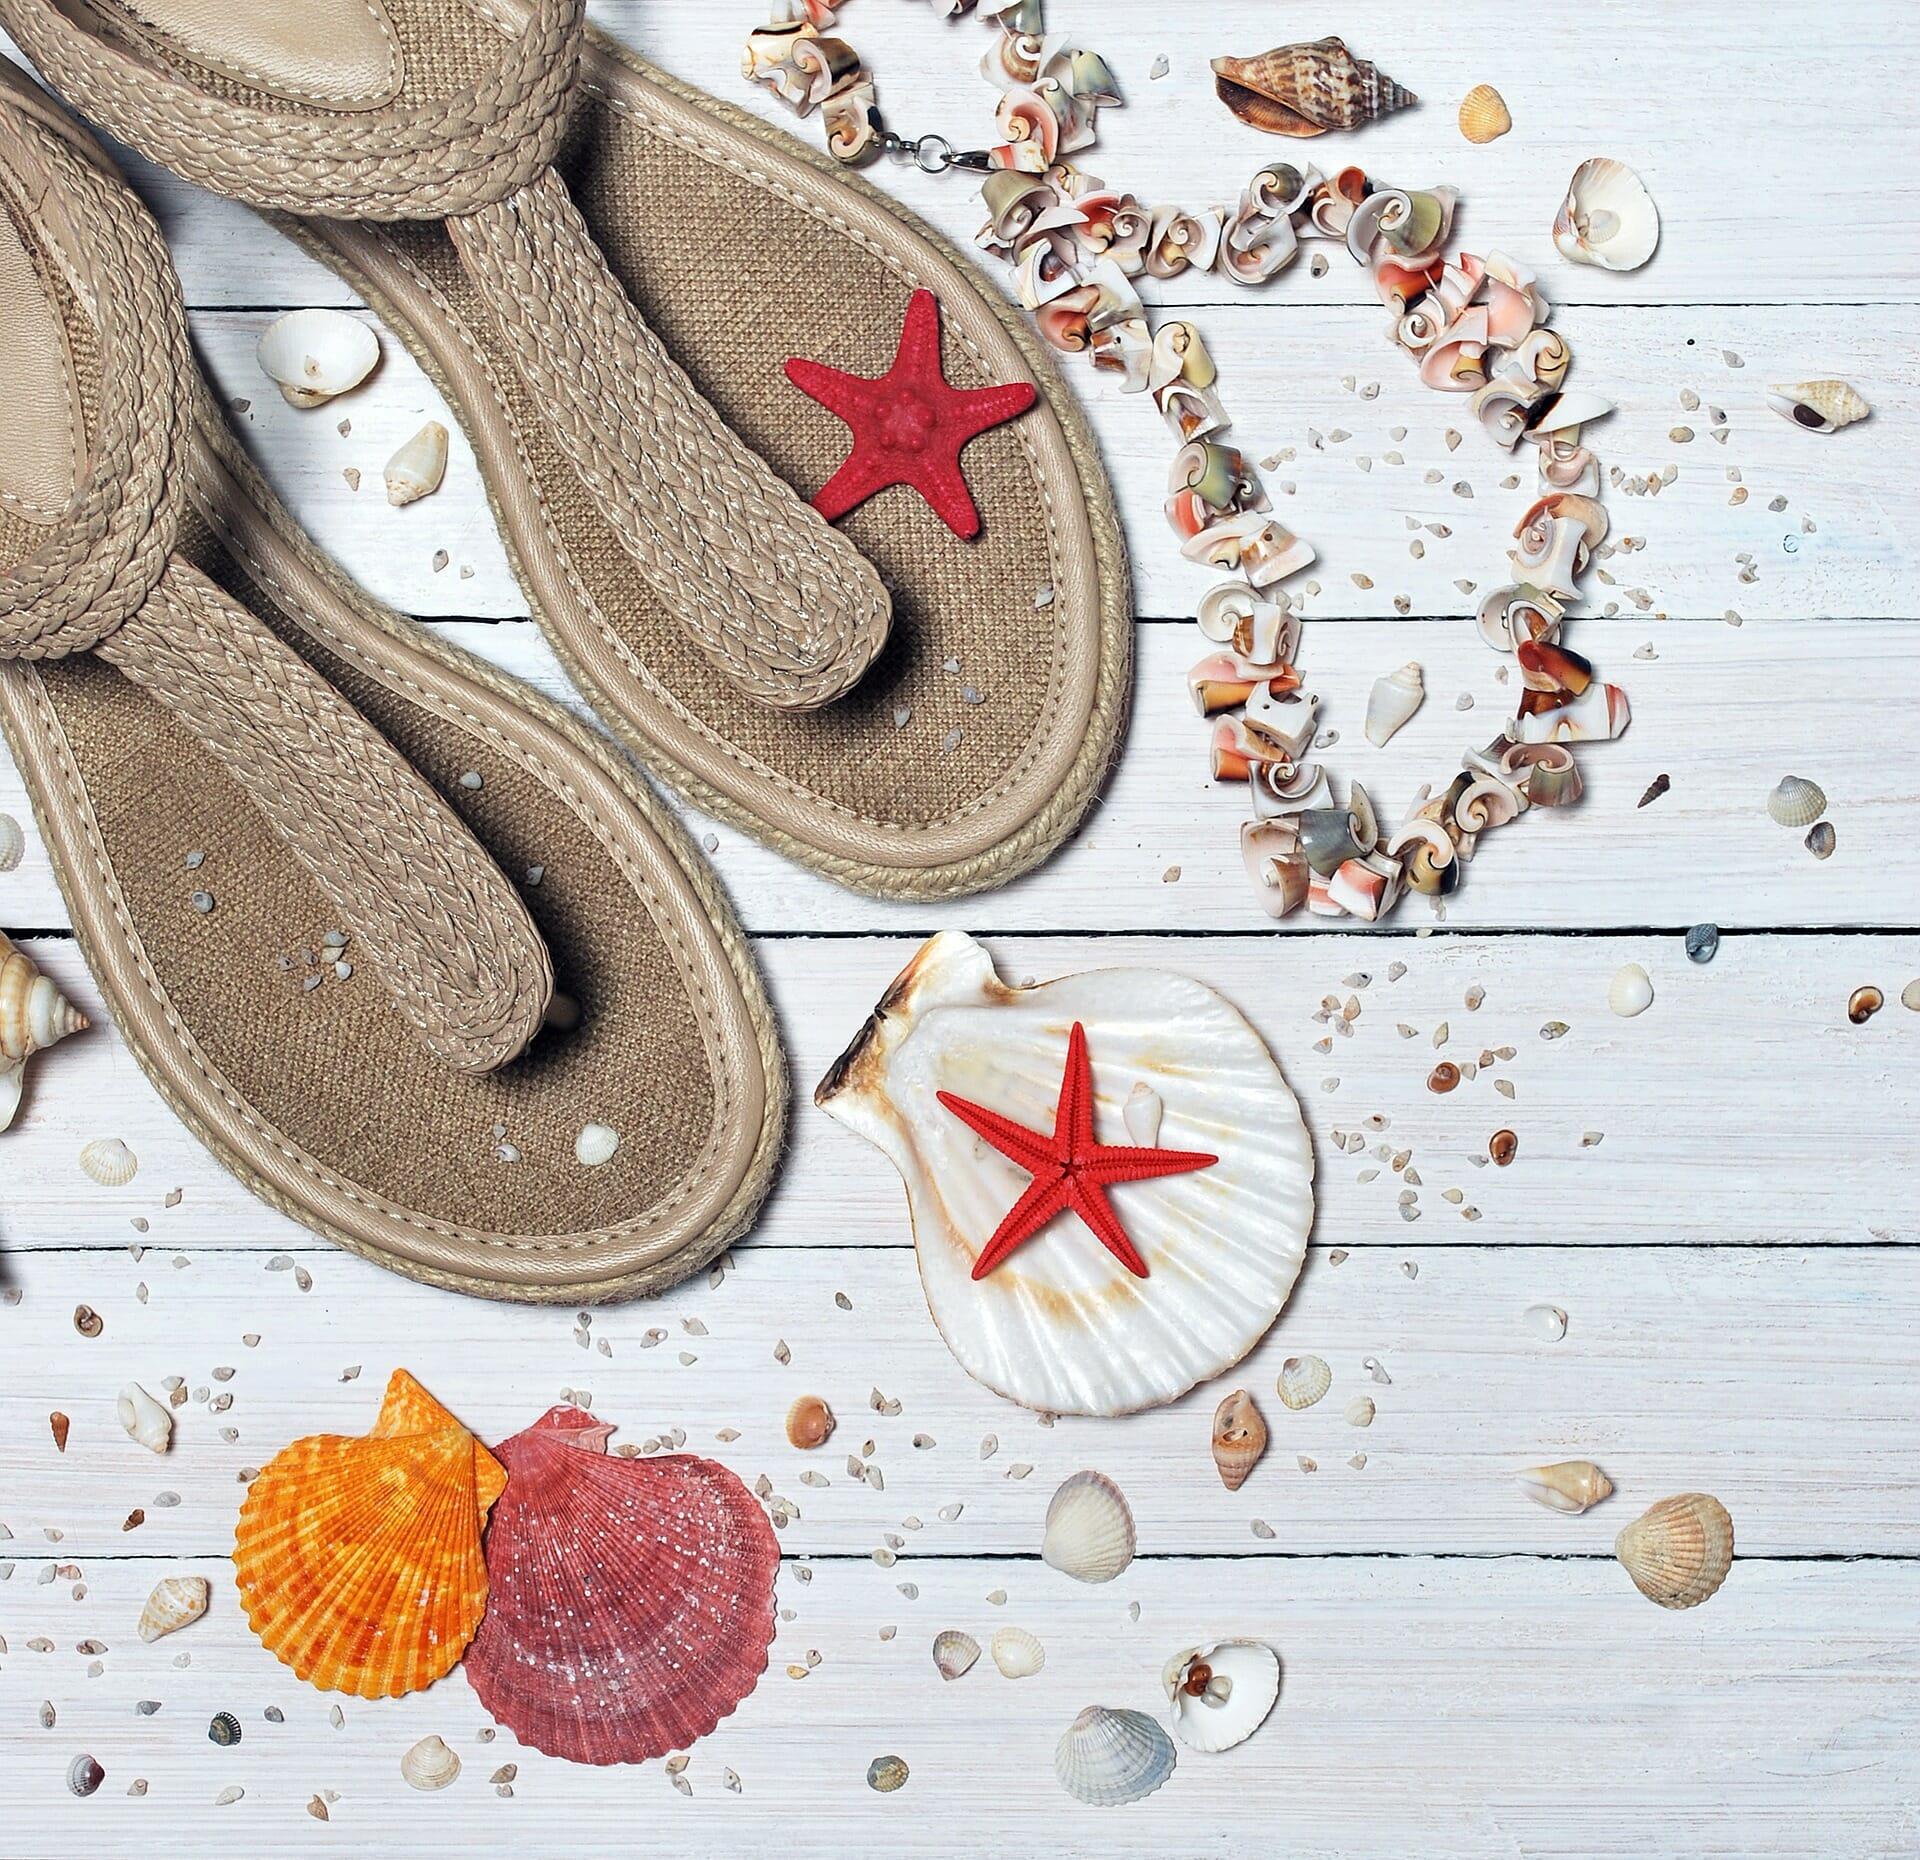 sandals 1578198 1920